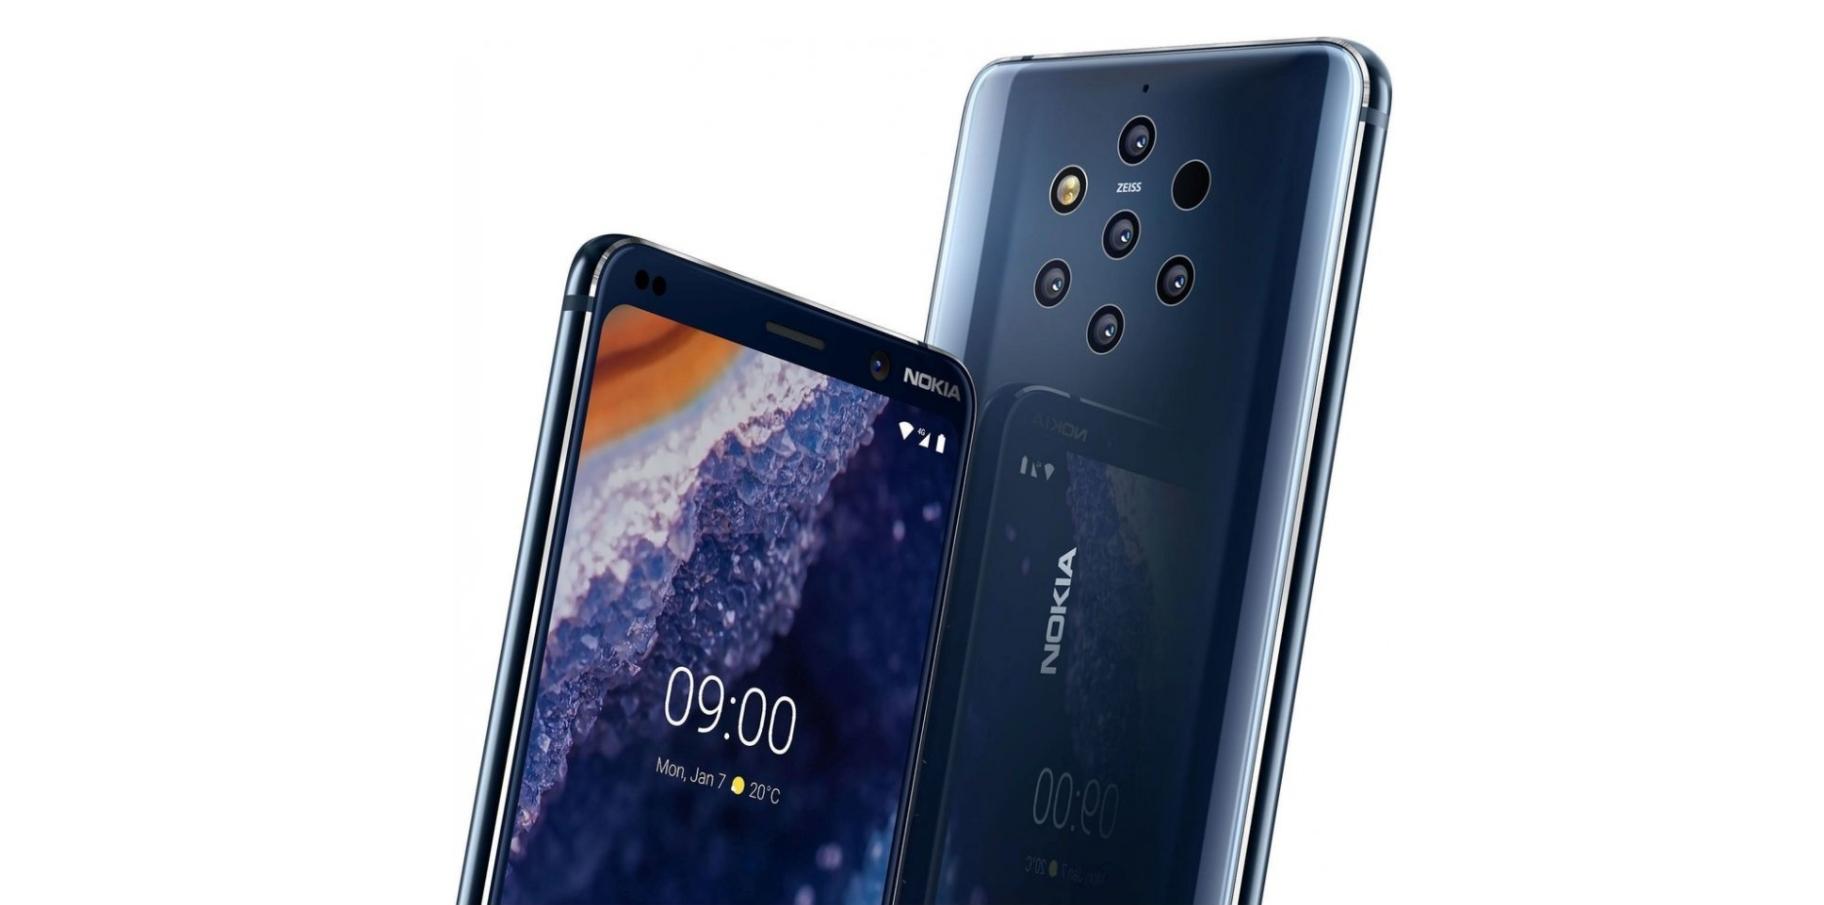 Konečně se dočkáme top modelu Nokia